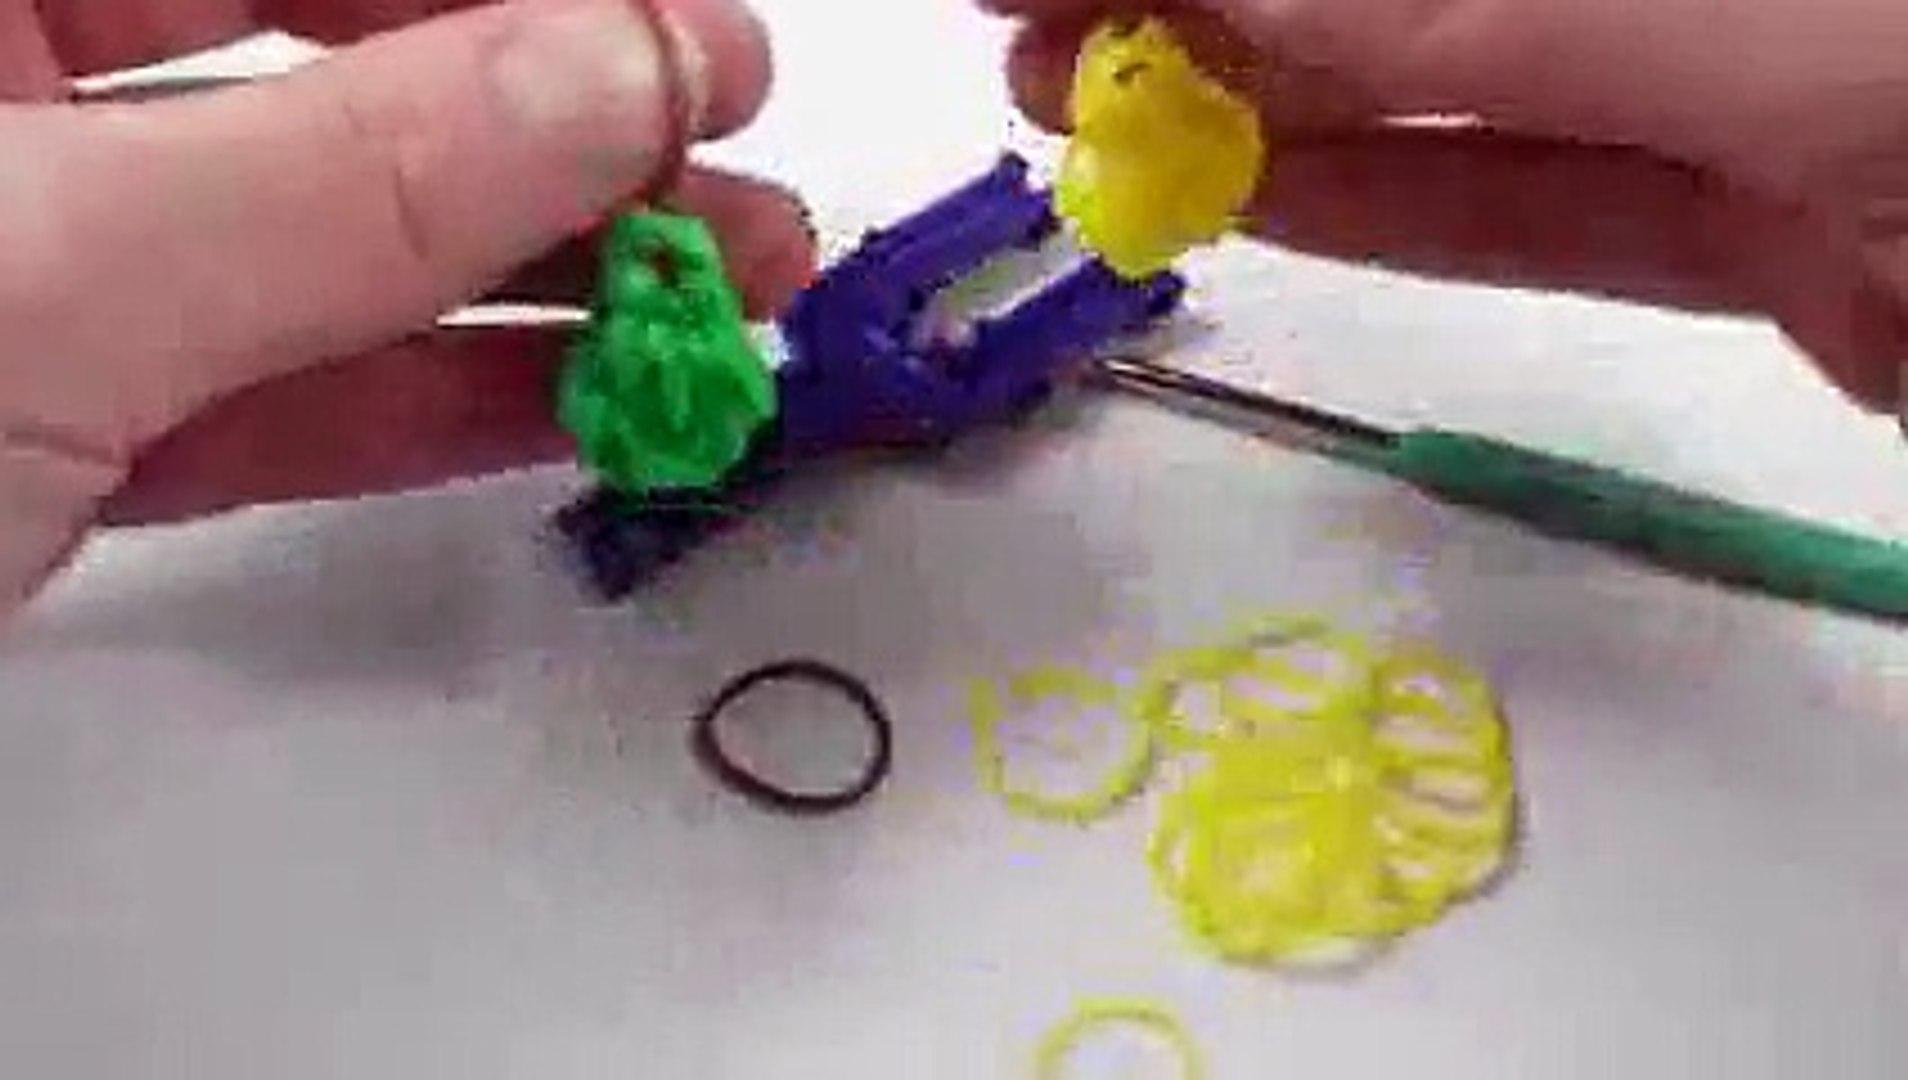 ГРУША из резинок на рогатке. Овощи и фрукты из резинок.#плетениеизрезинок - PEAR Rainbow Loom